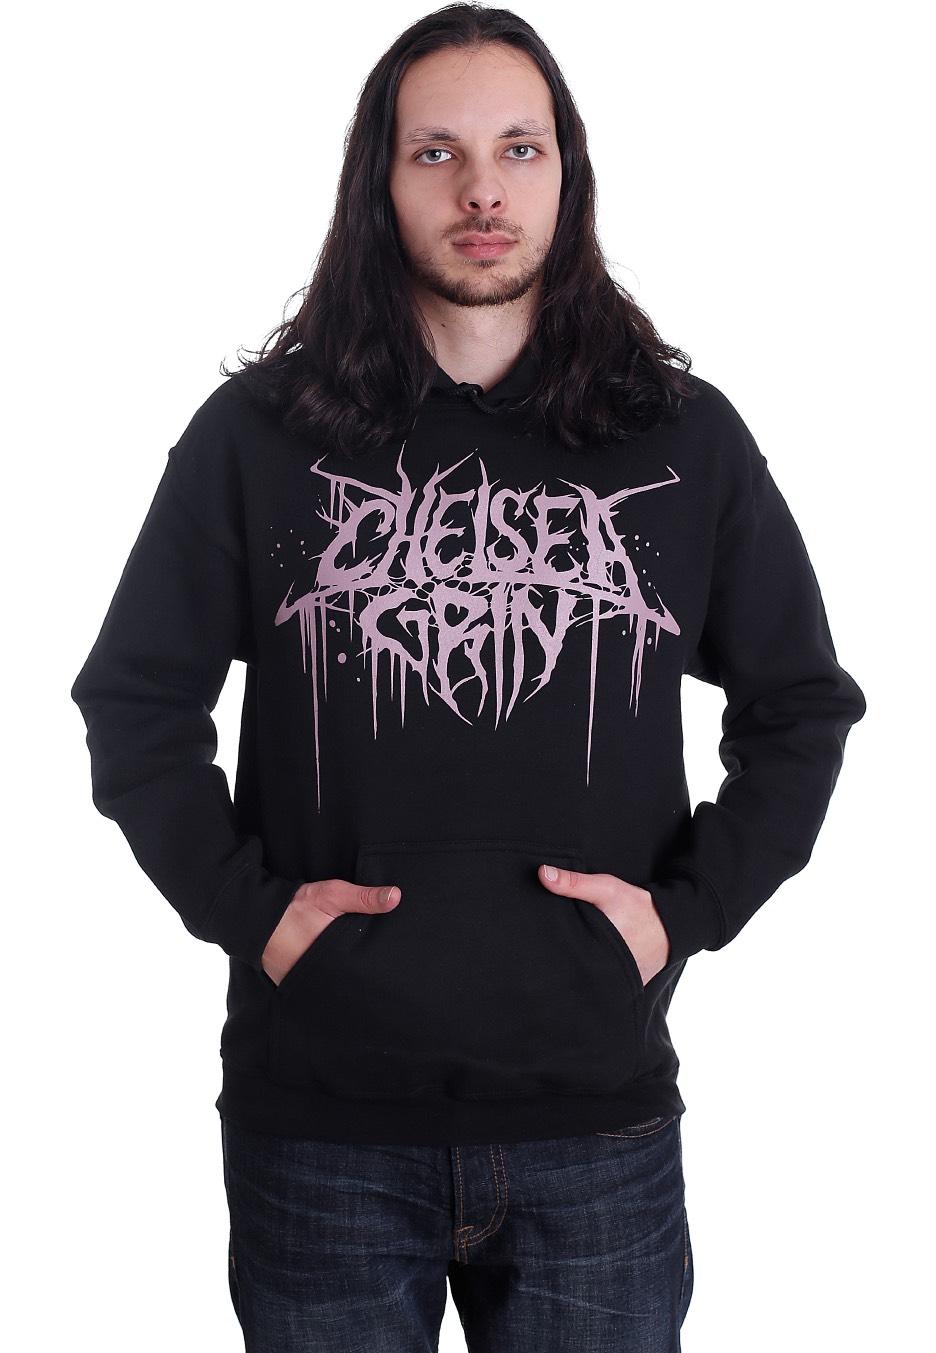 Chelsea grin hoodie